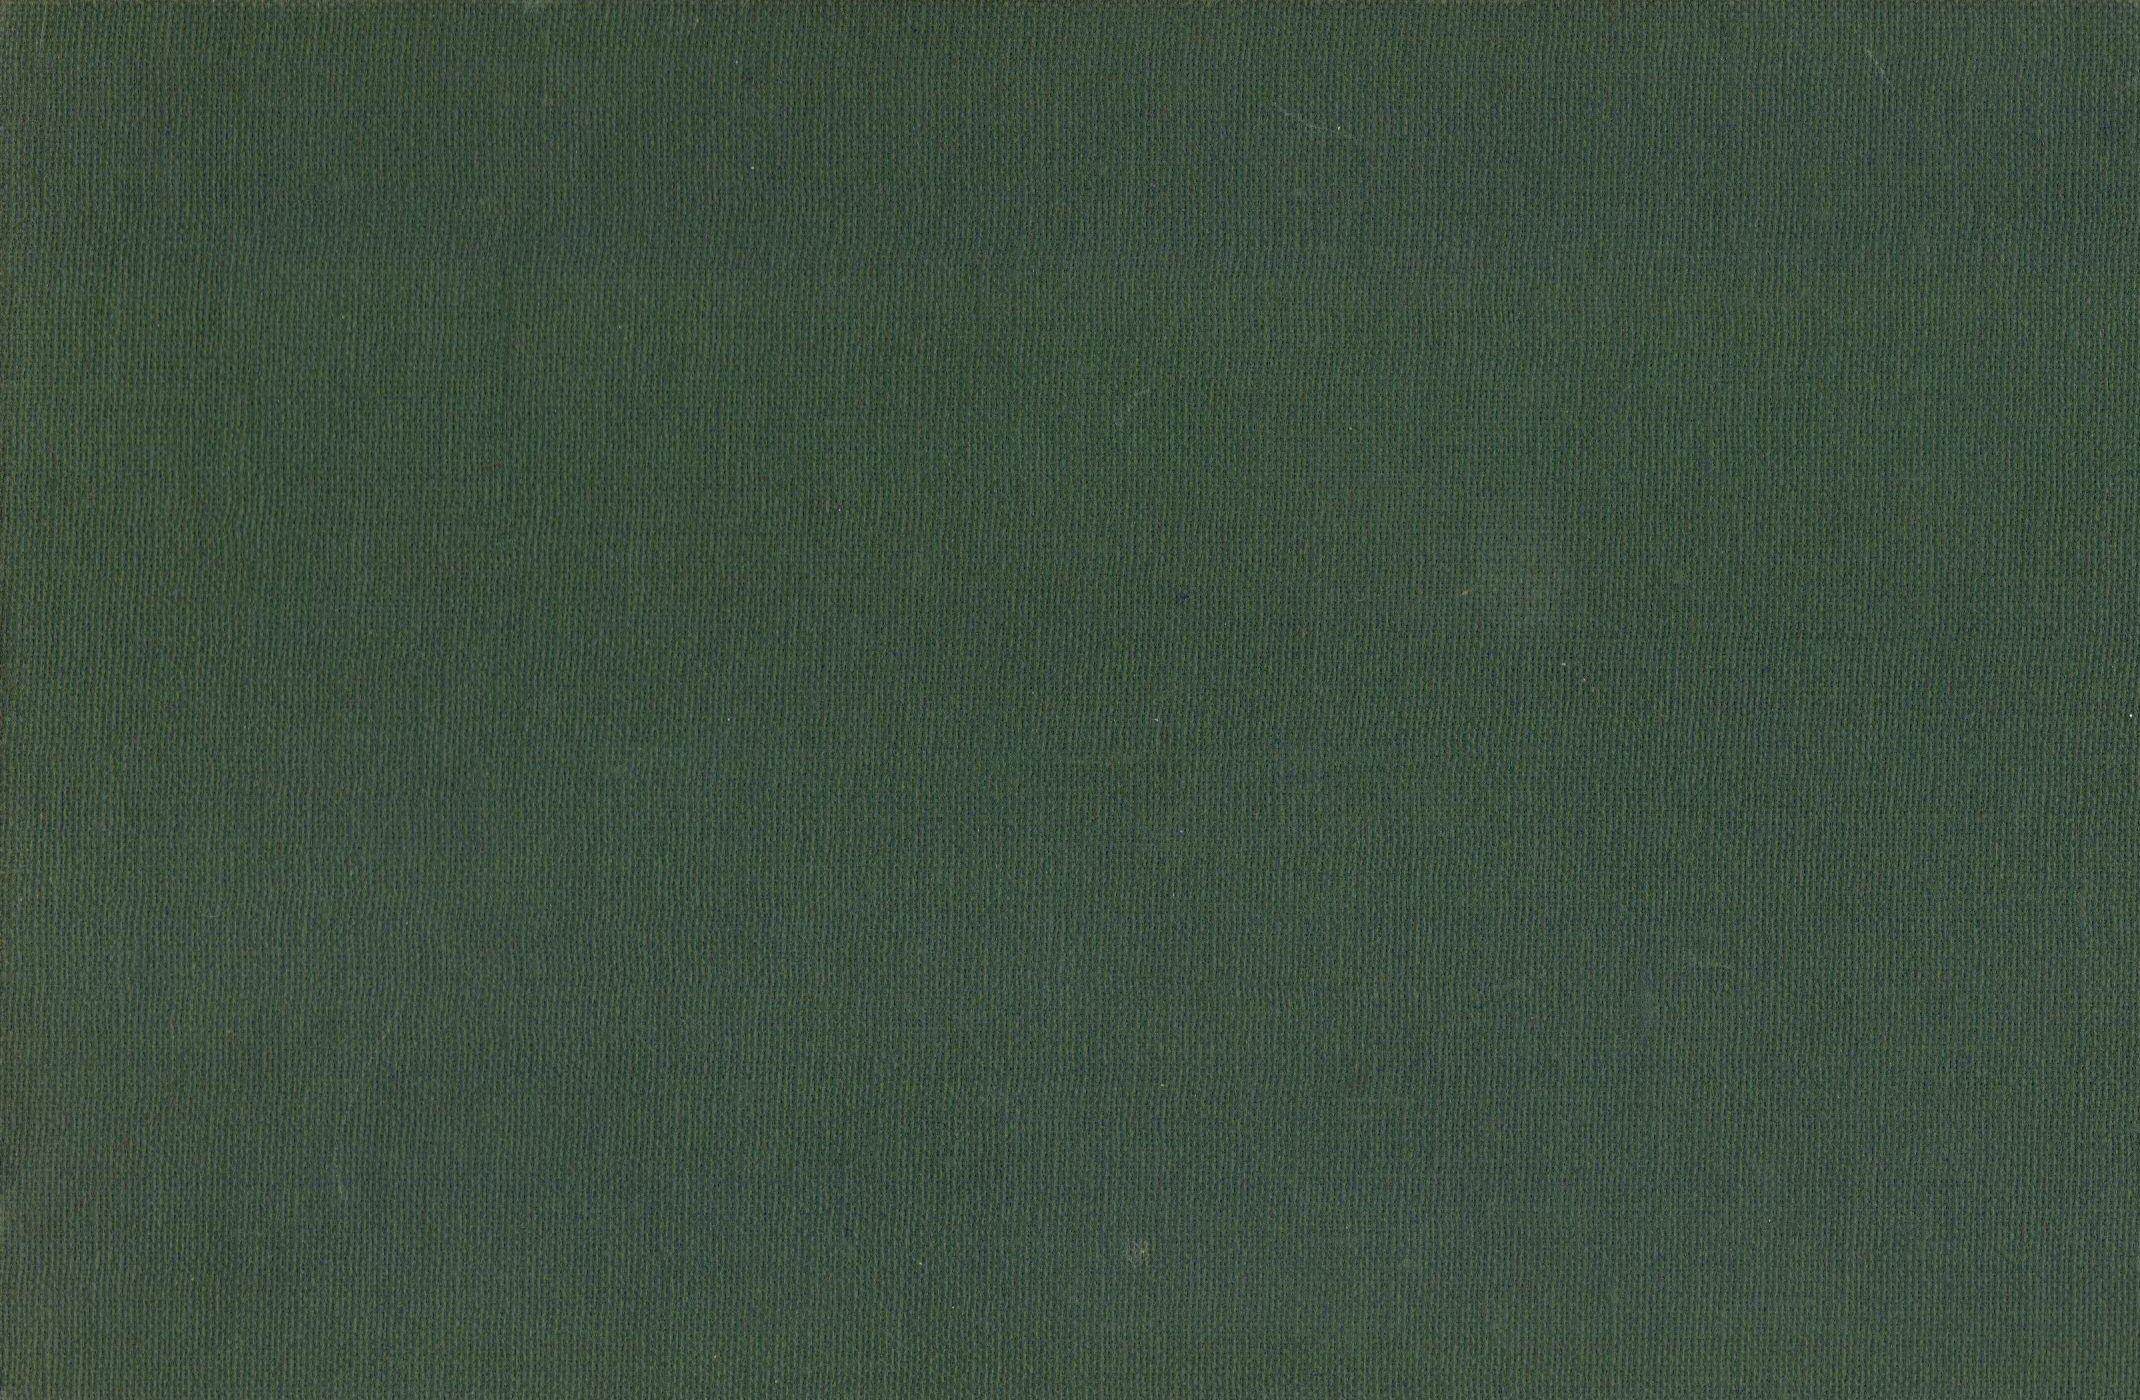 Plain Fabric Texture Dark Green Material Pinterest